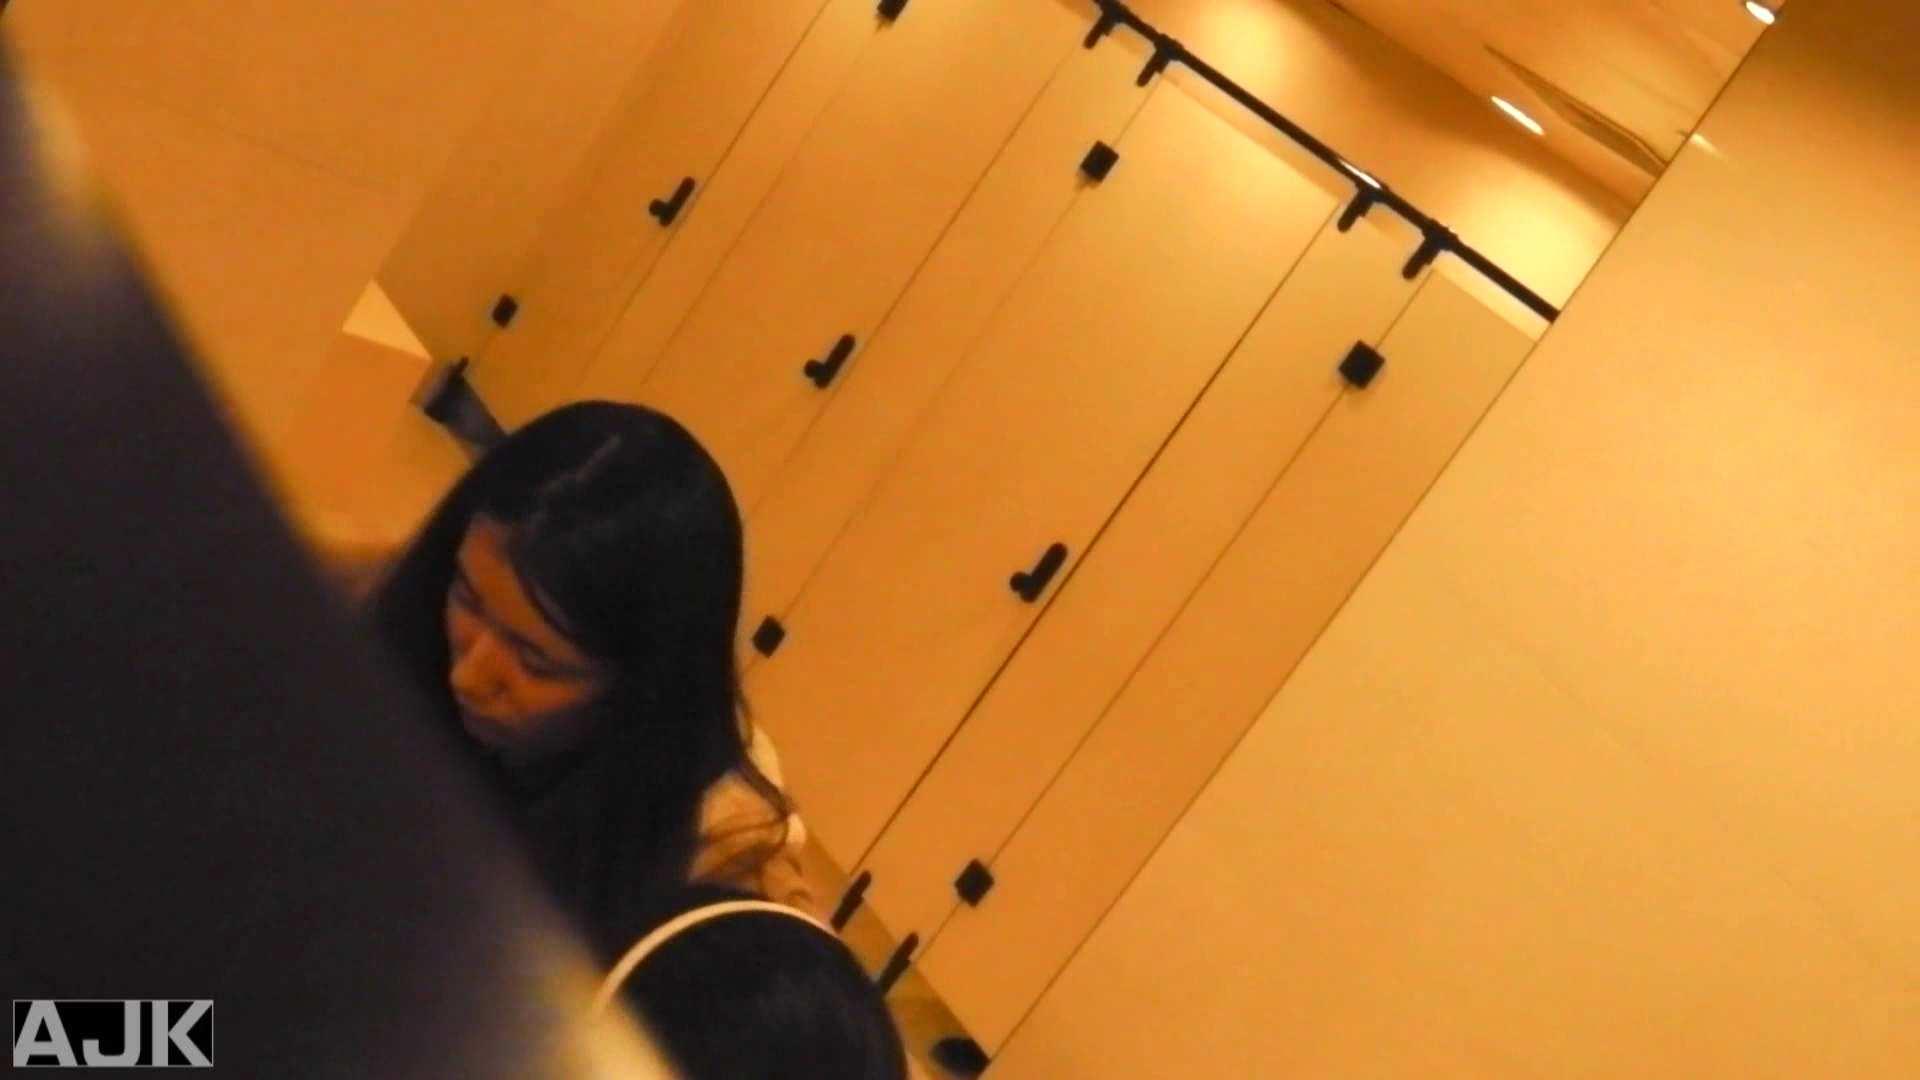 隣国上階級エリアの令嬢たちが集うデパートお手洗い Vol.11 お手洗い  42連発 16